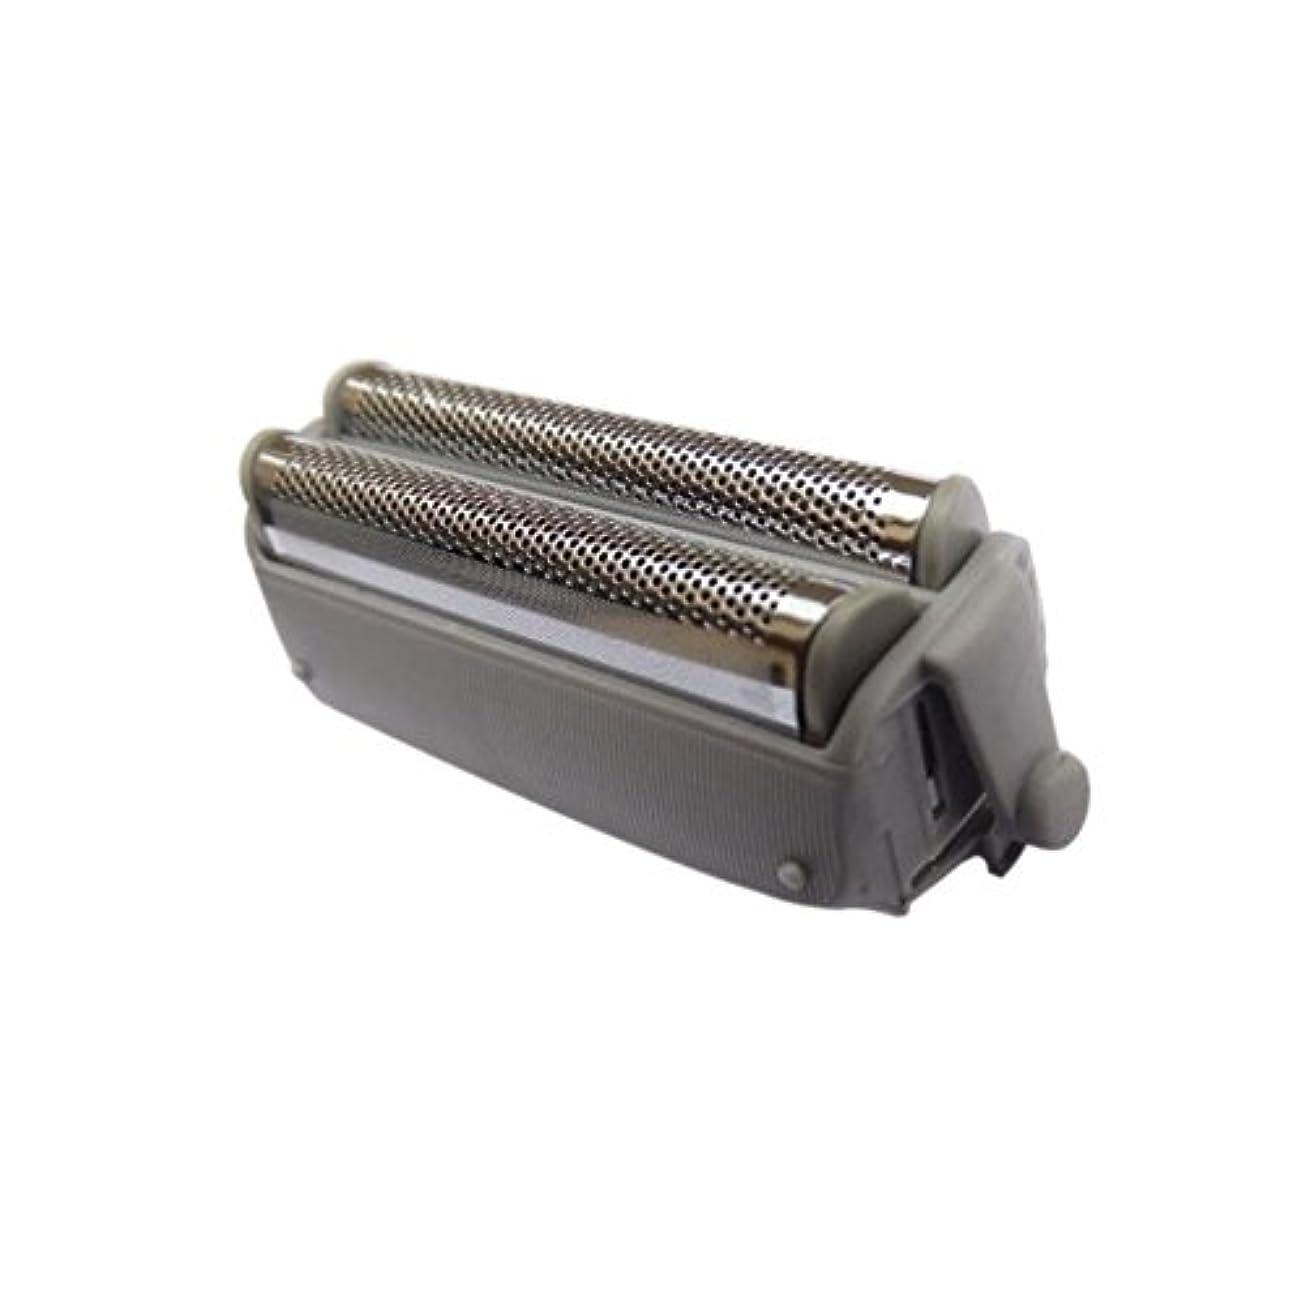 ヒップ栄光の明らかにするHZjundasi Replacement Outer ホイル for Panasonic RW30/ES719/726/4826/4853 ES9859